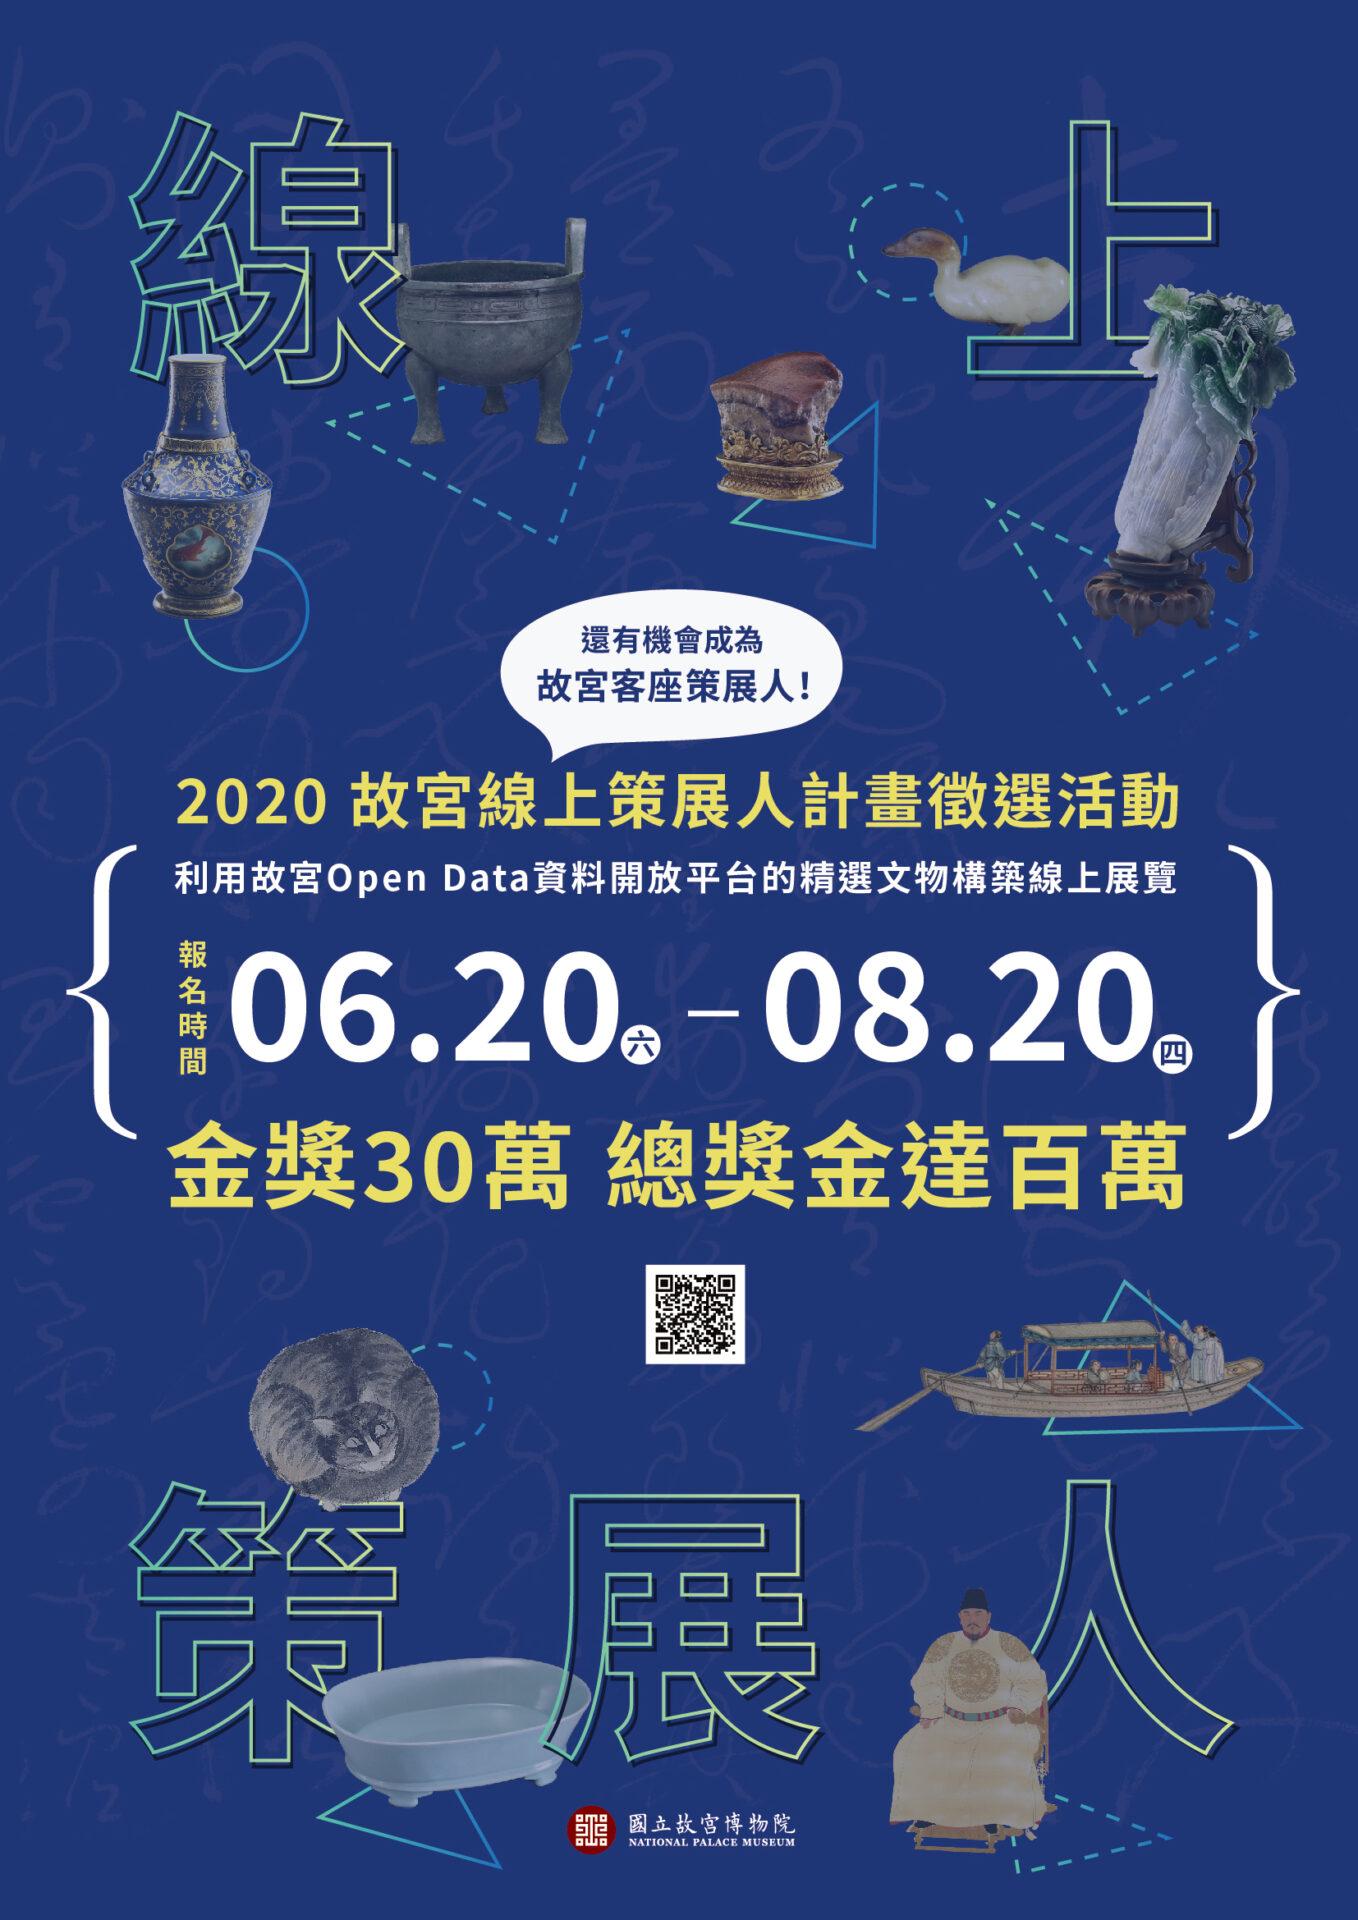 國立故宮博物院:2020/06/20至2020/08/20【2020故宮線上策展人計畫徵選活動】